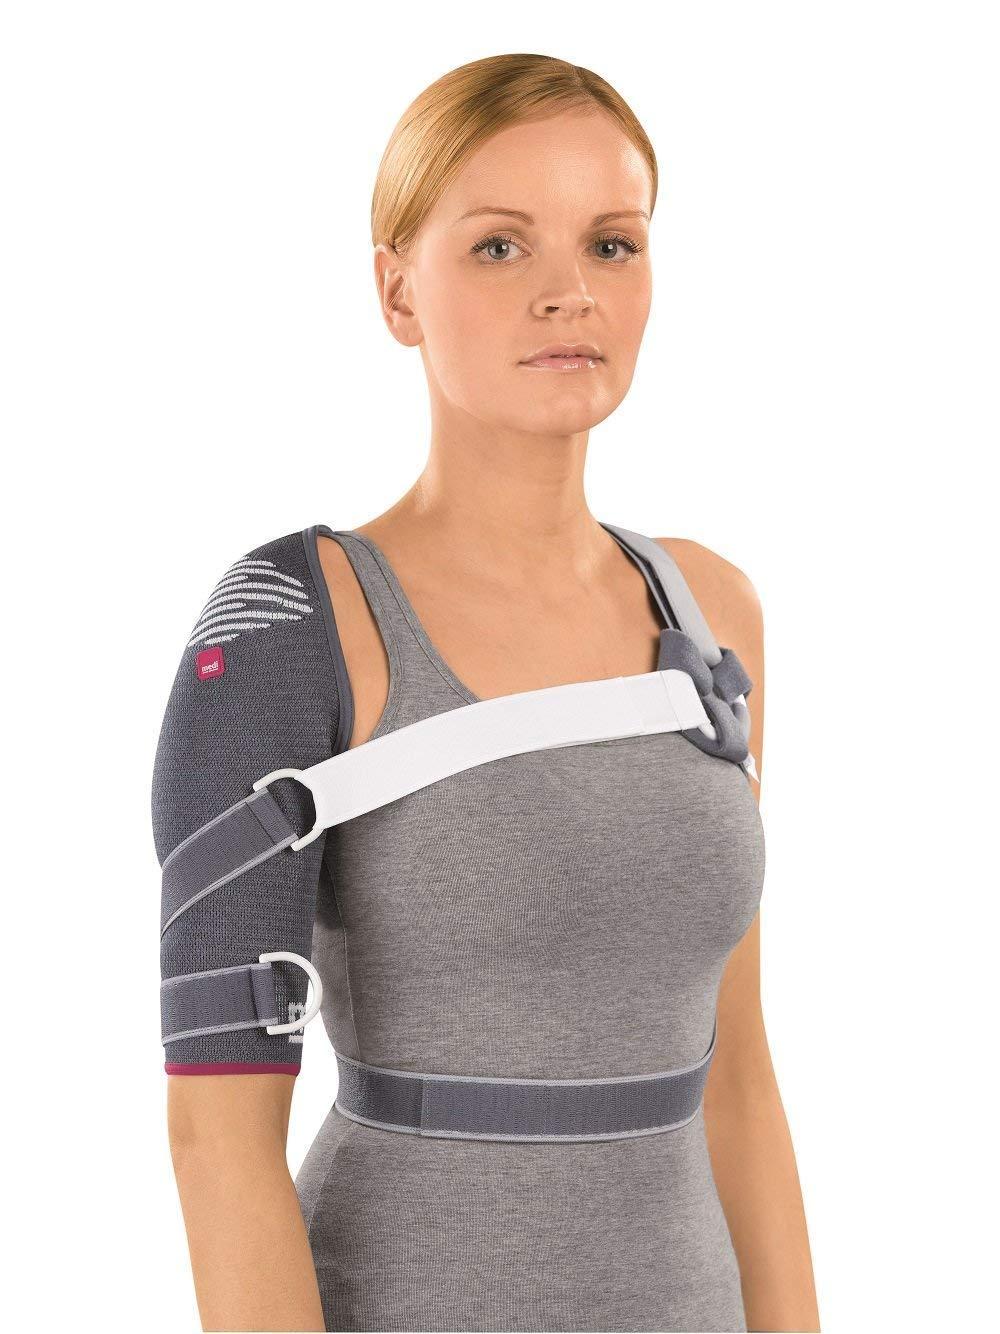 Omomed Knit Shoulder Support Left (Silver) 0